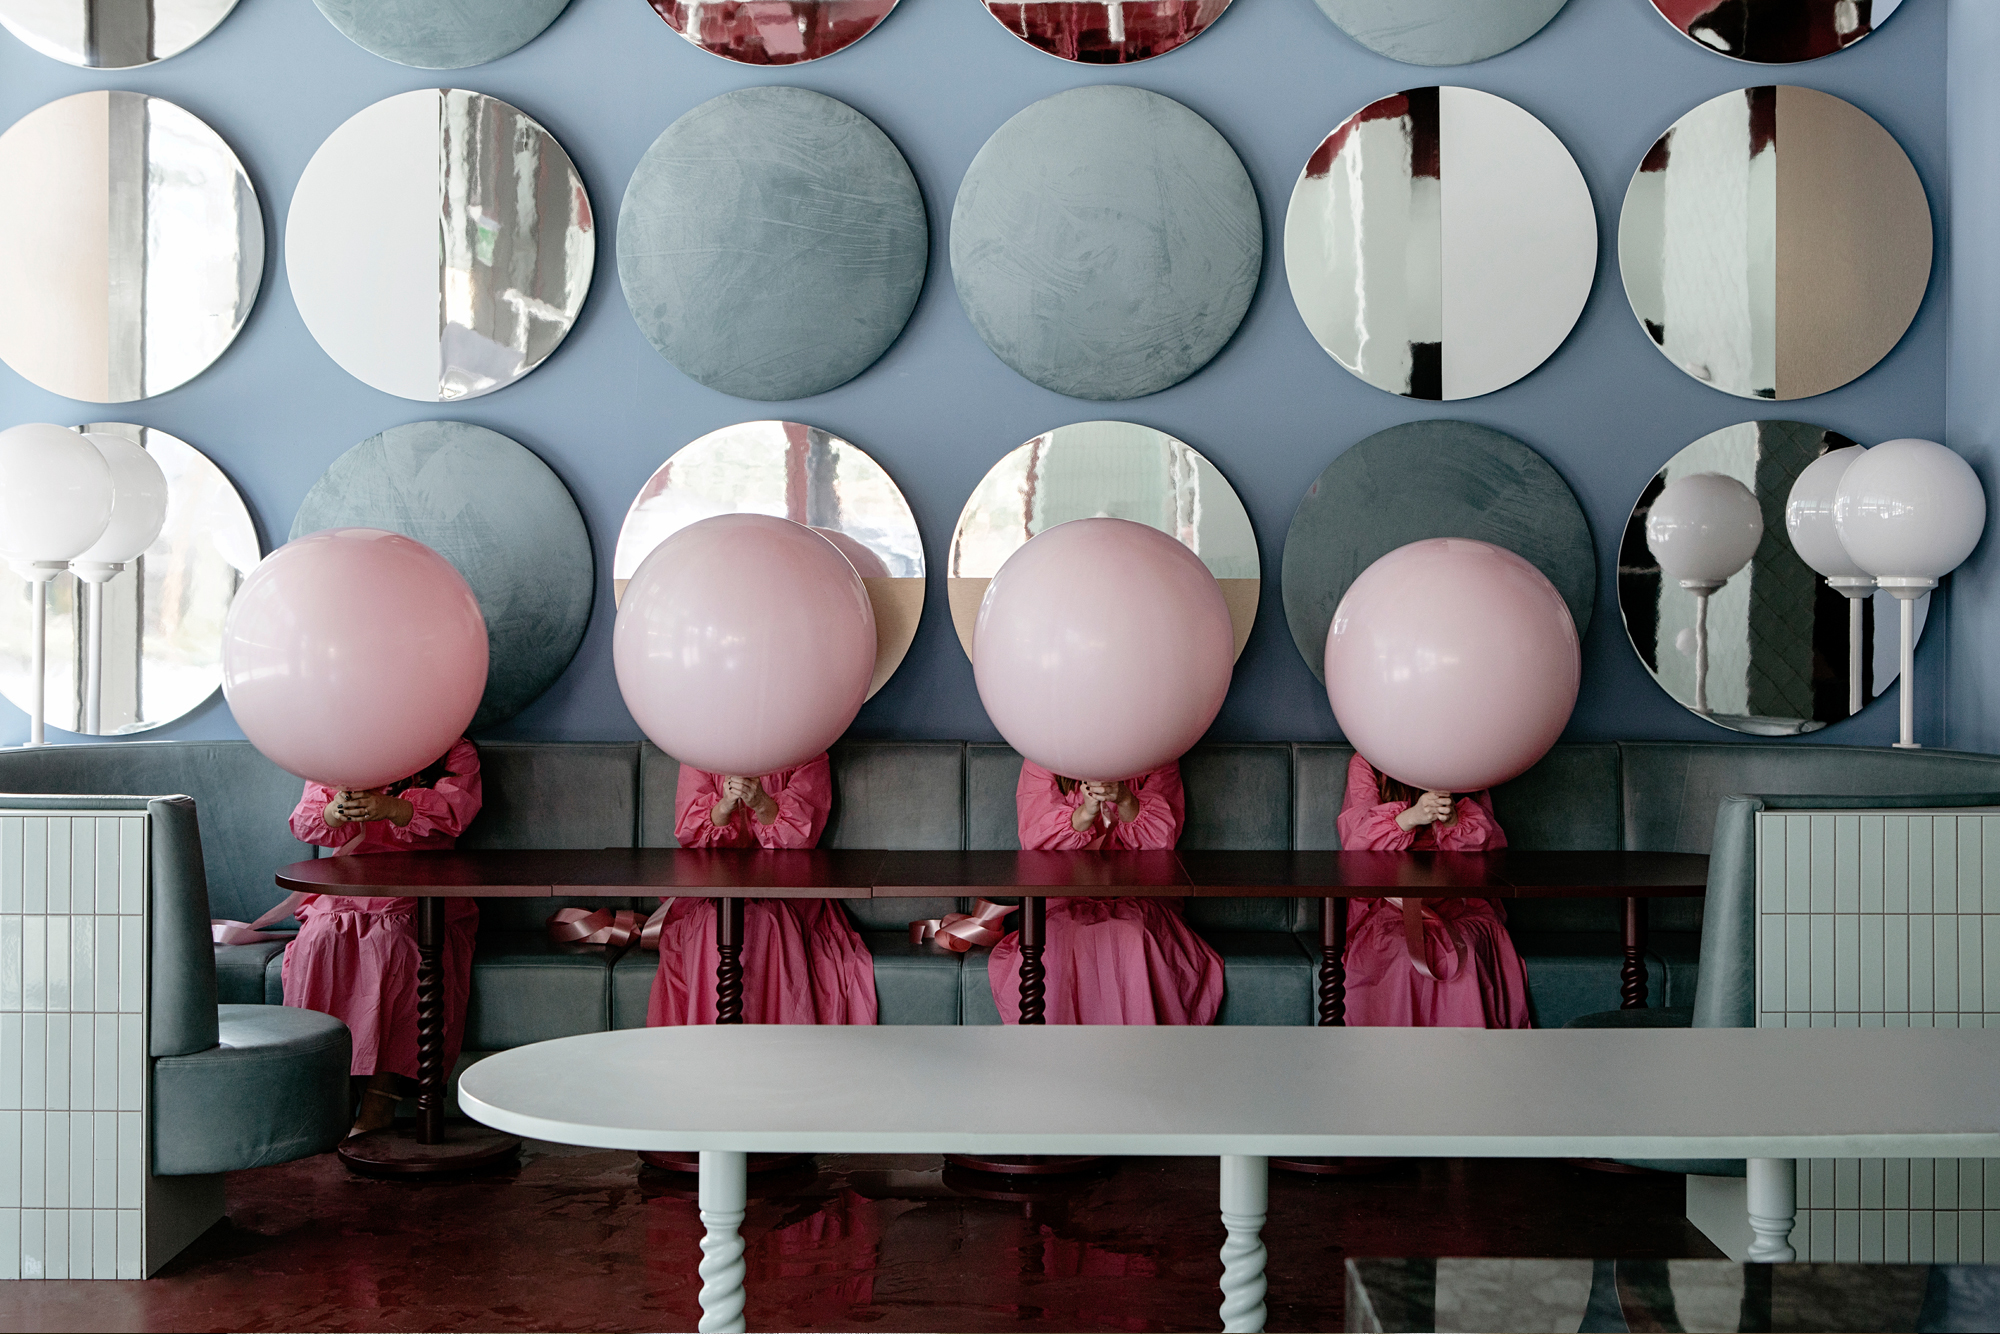 Das Interieur entführt in eine Traumwelt, die von überdimensionalen Dropsen und Lollipops bevölkert wird und selbst gestandenen Erwachsenen ein kindliches Lächeln entzaubert.